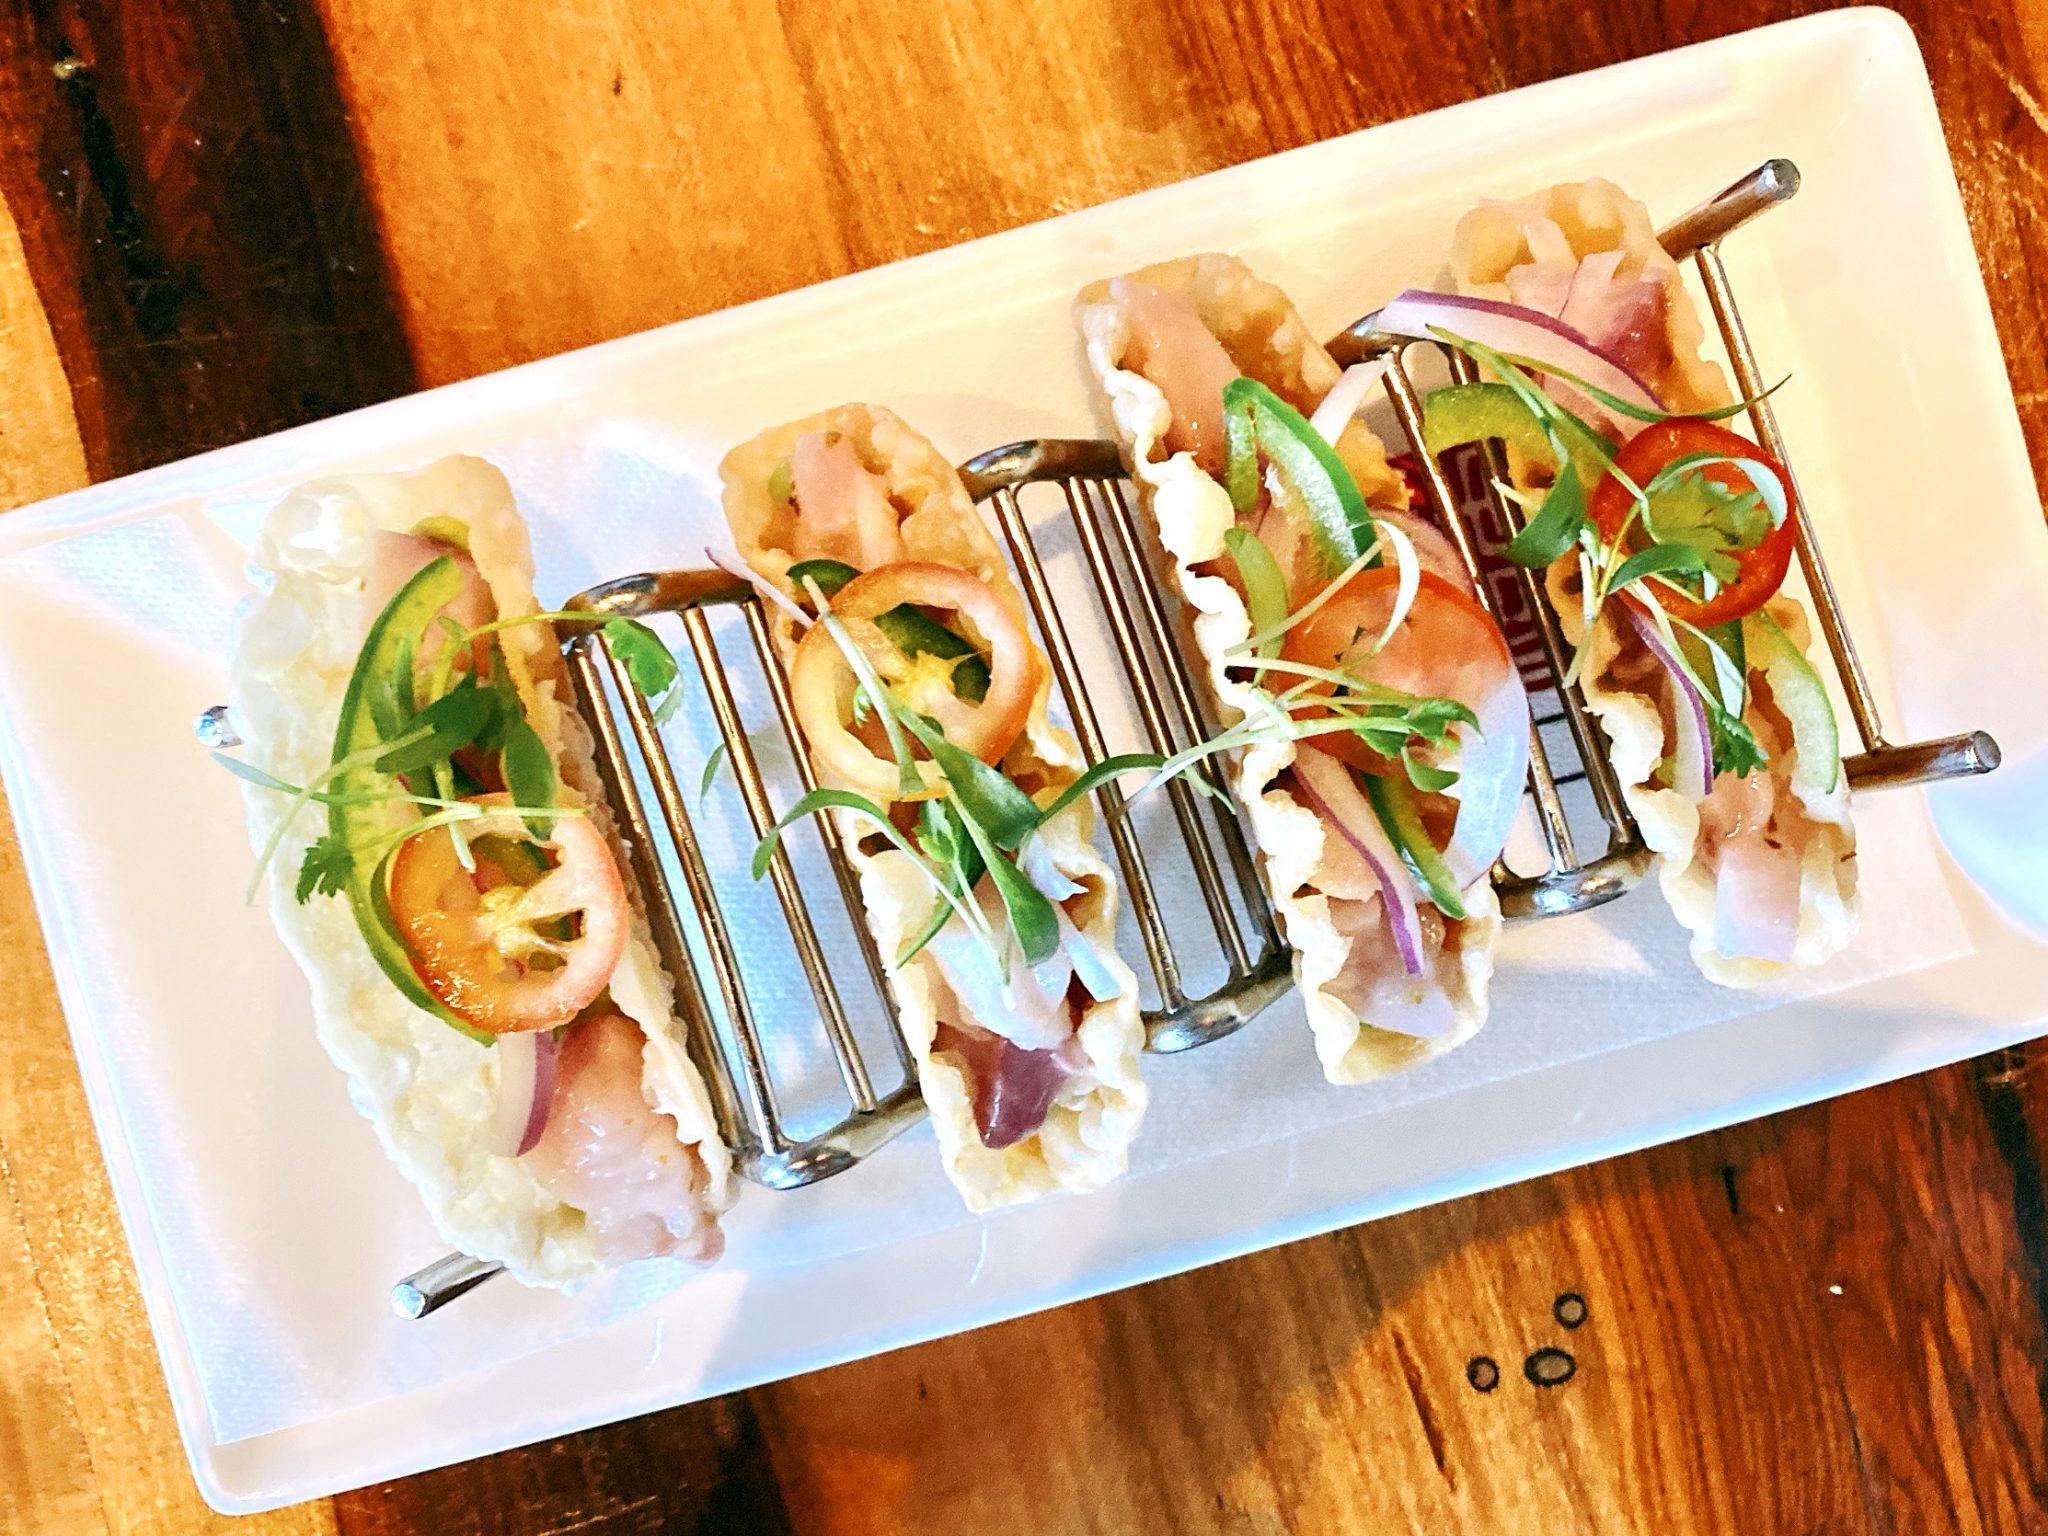 Ahi tacos at Morimoto Restaurant in Downtown Napa